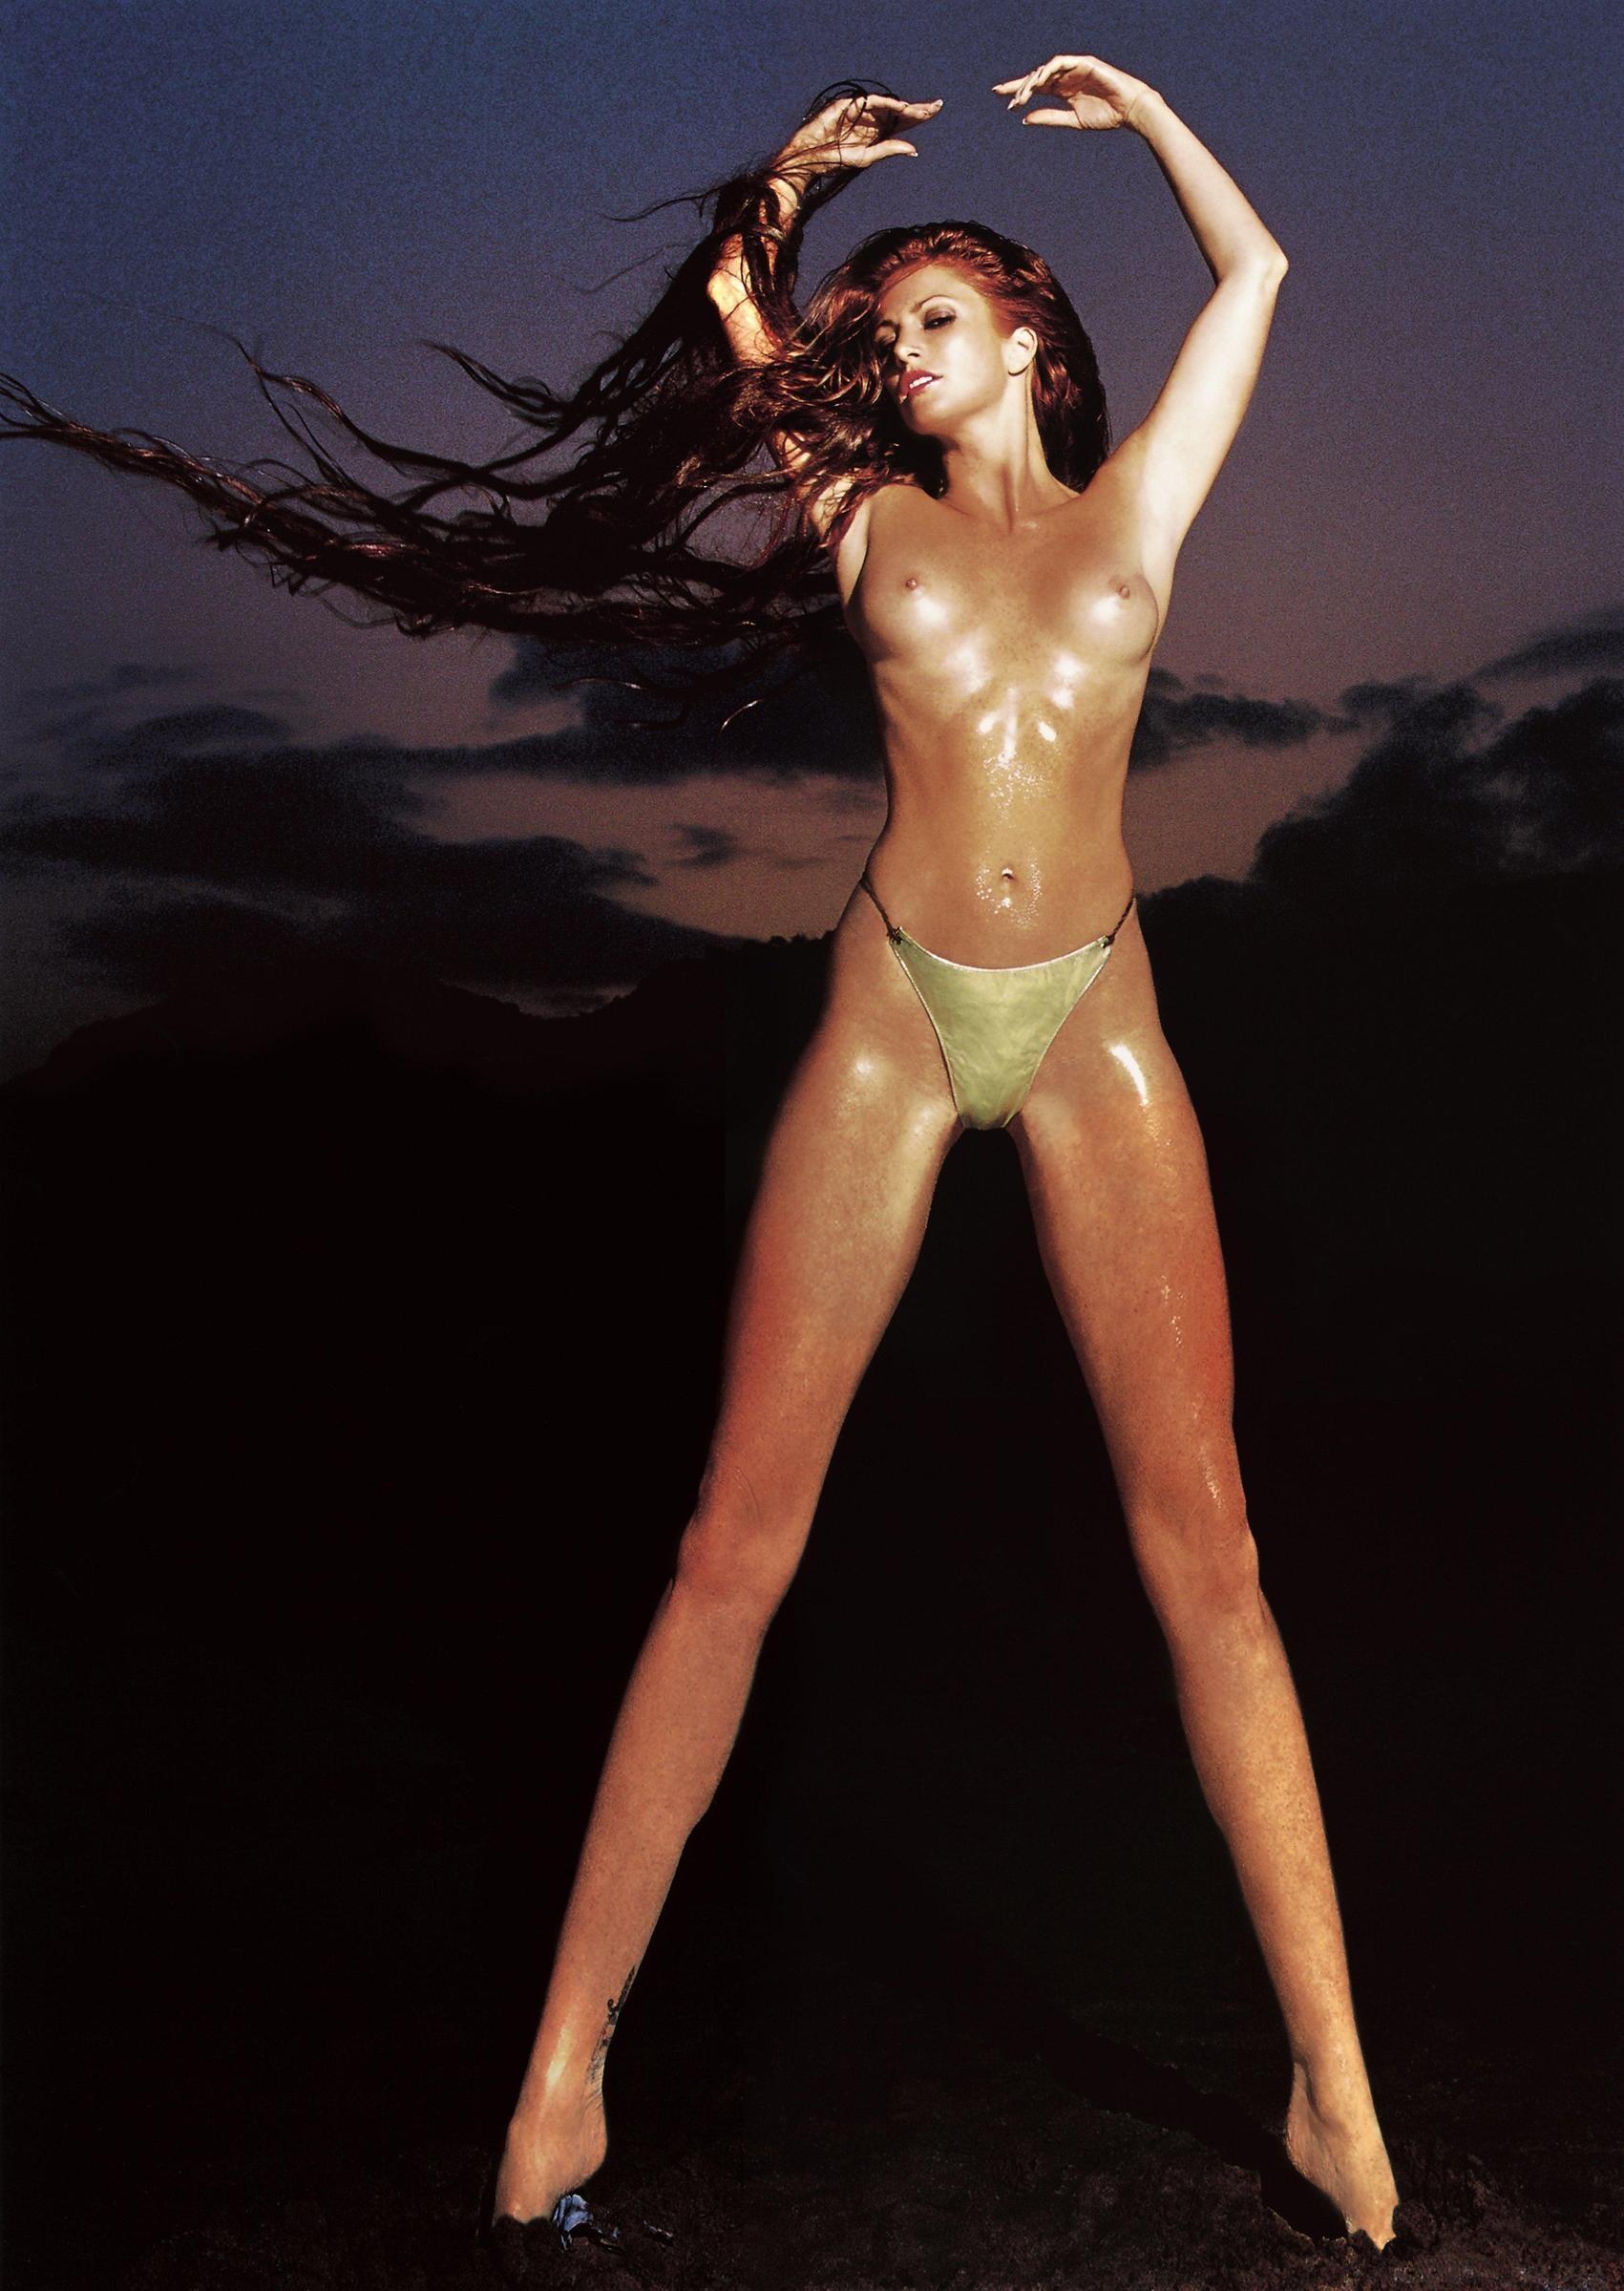 Энджи Эверхарт, февраль 2002 года. Фотограф Марко Главиано